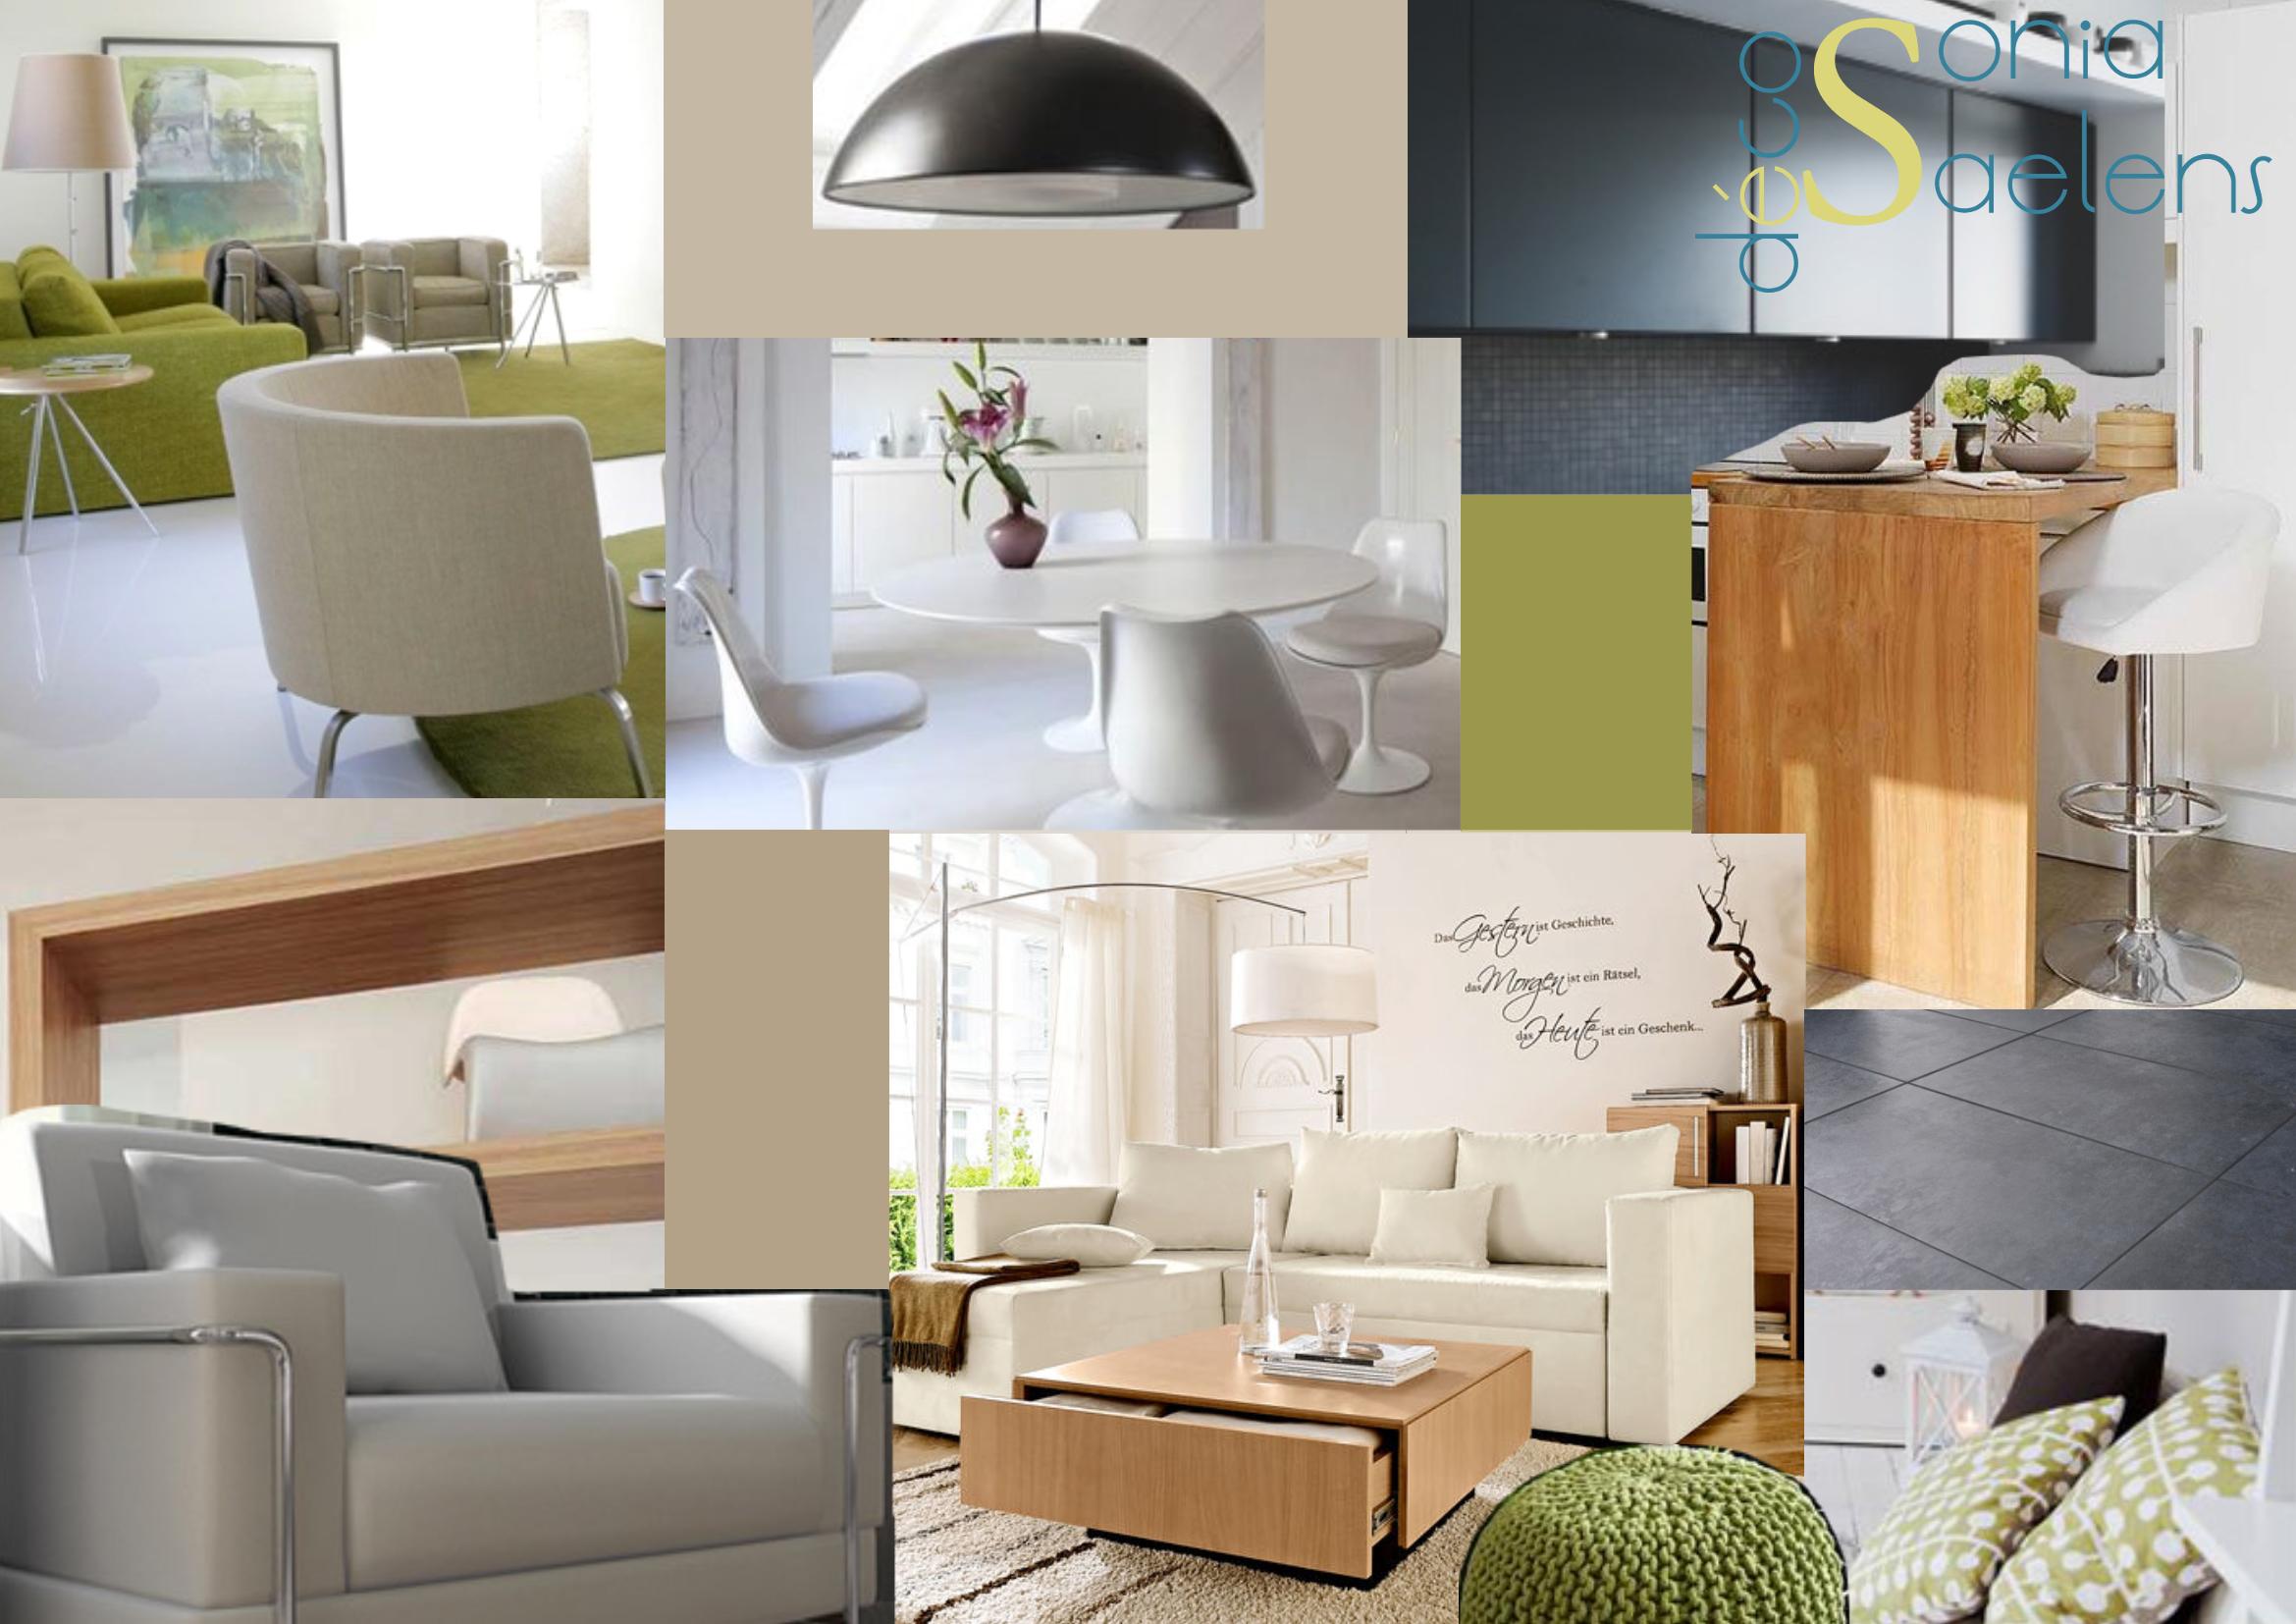 planche tendance pour l 39 am nagement d 39 une pi ce de vie dans un esprit scandinave moderne. Black Bedroom Furniture Sets. Home Design Ideas